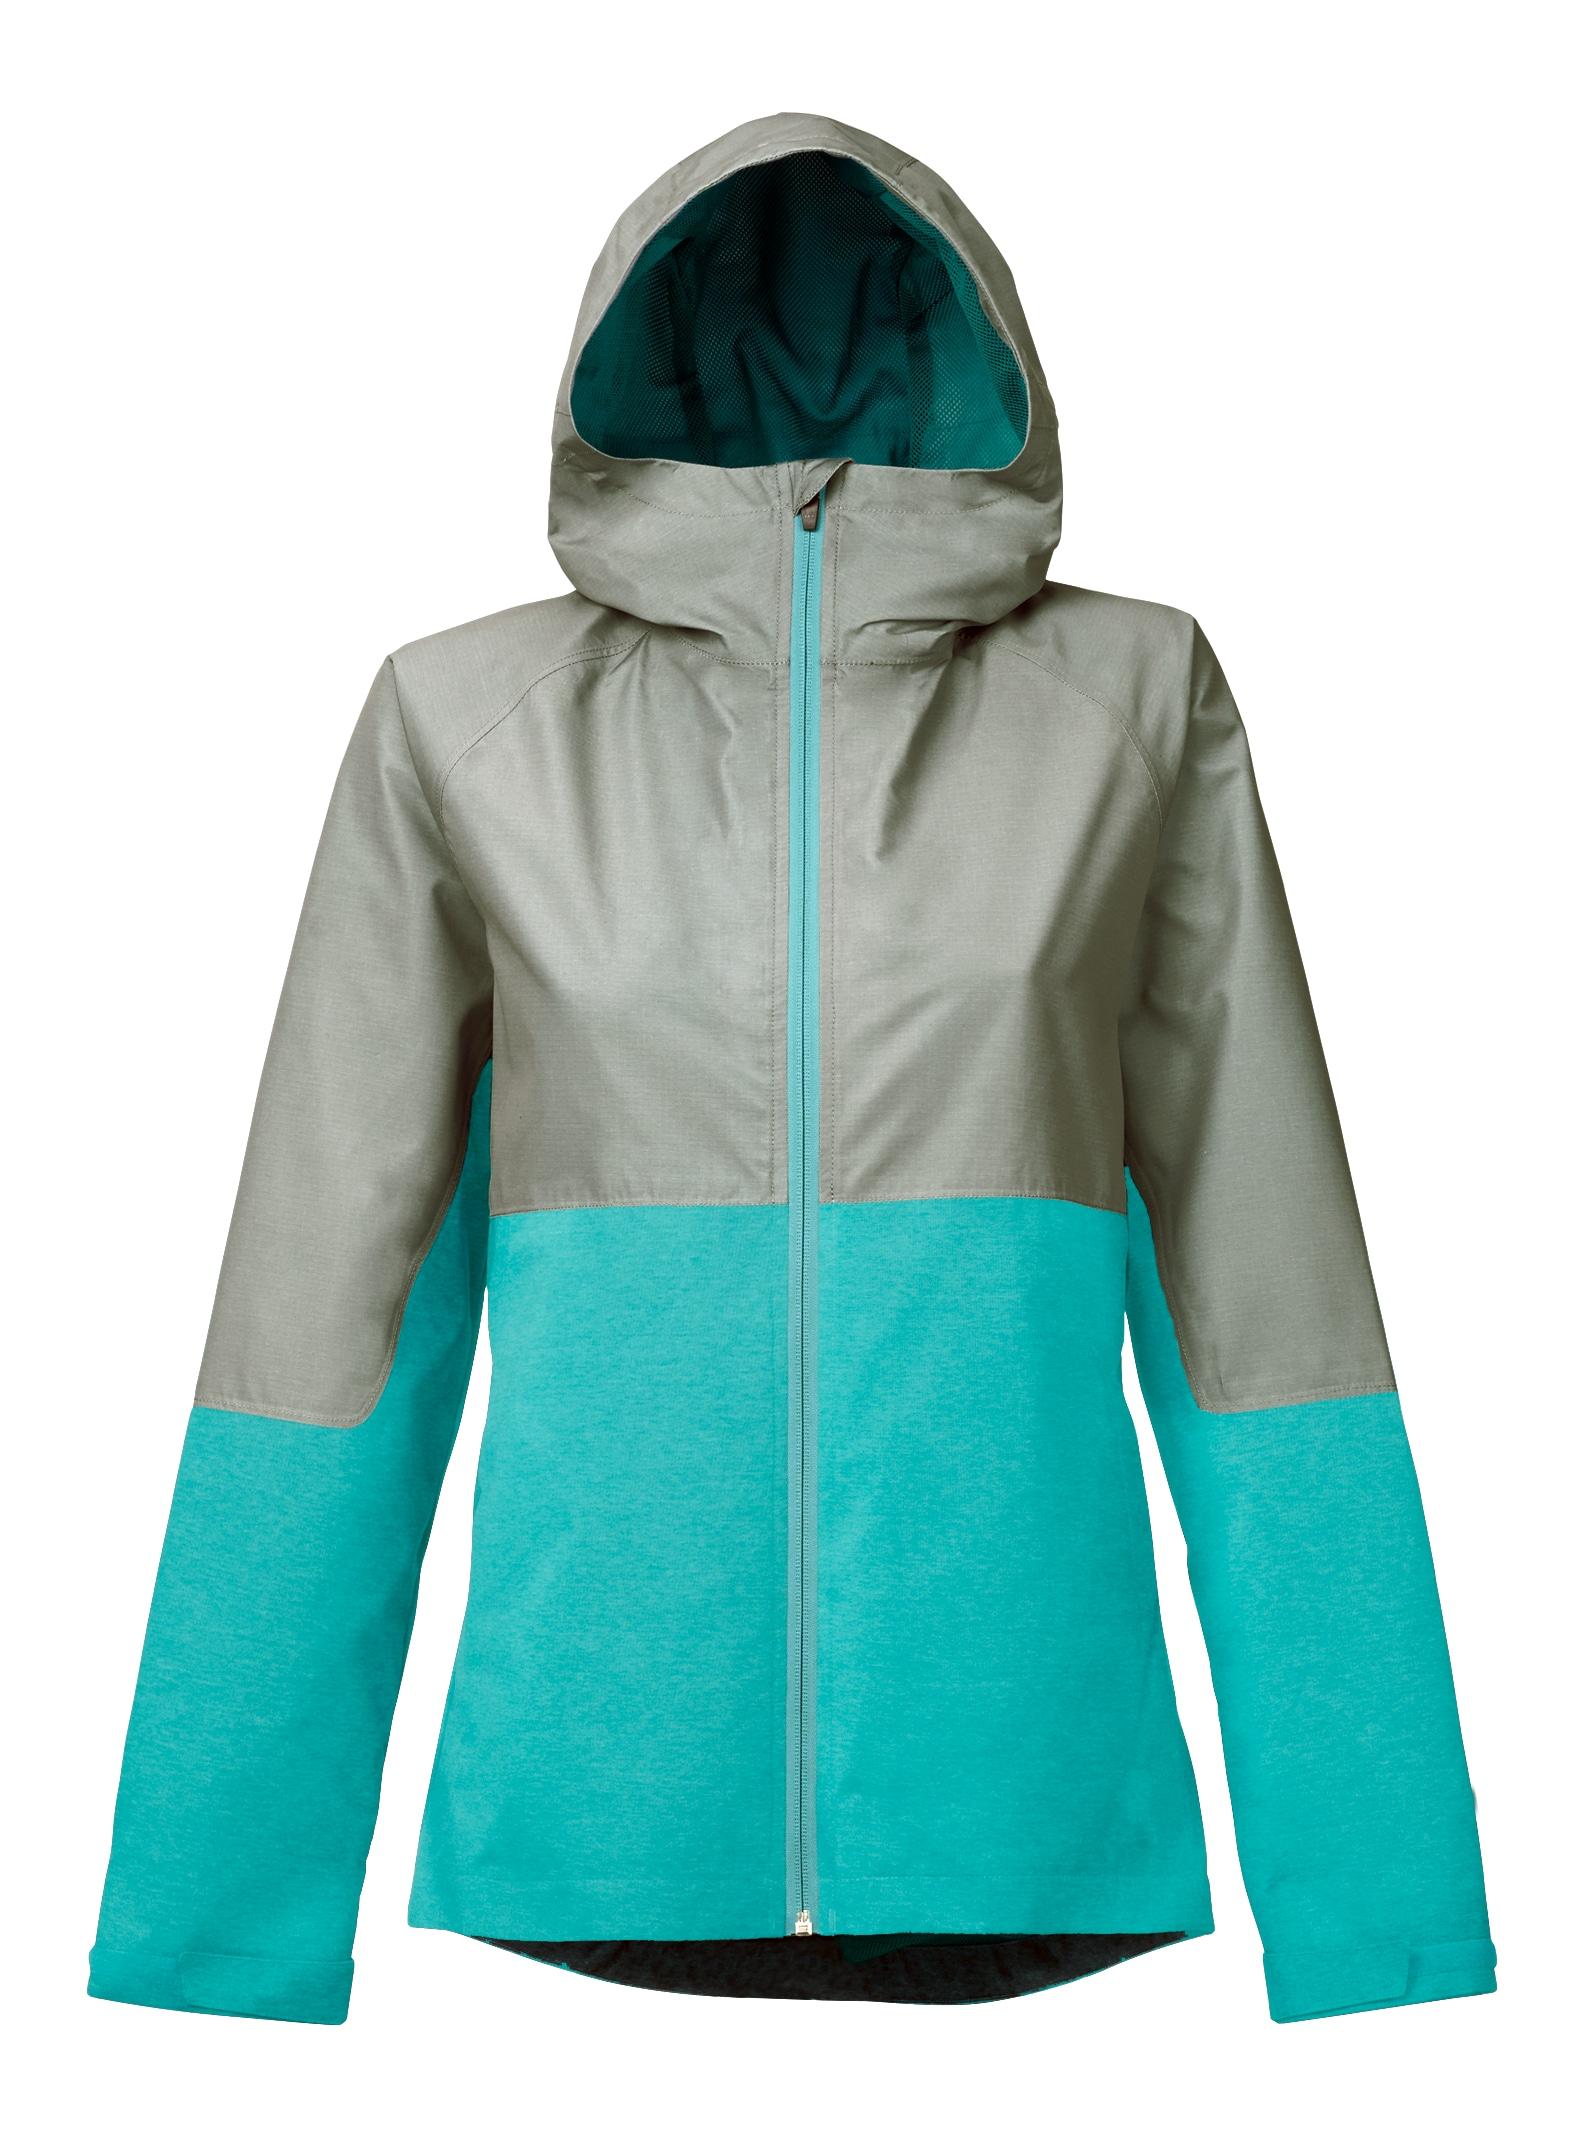 Burton Girls' Berkley Rain Jacket shown in Lichen Green Heather / Everglade Heather